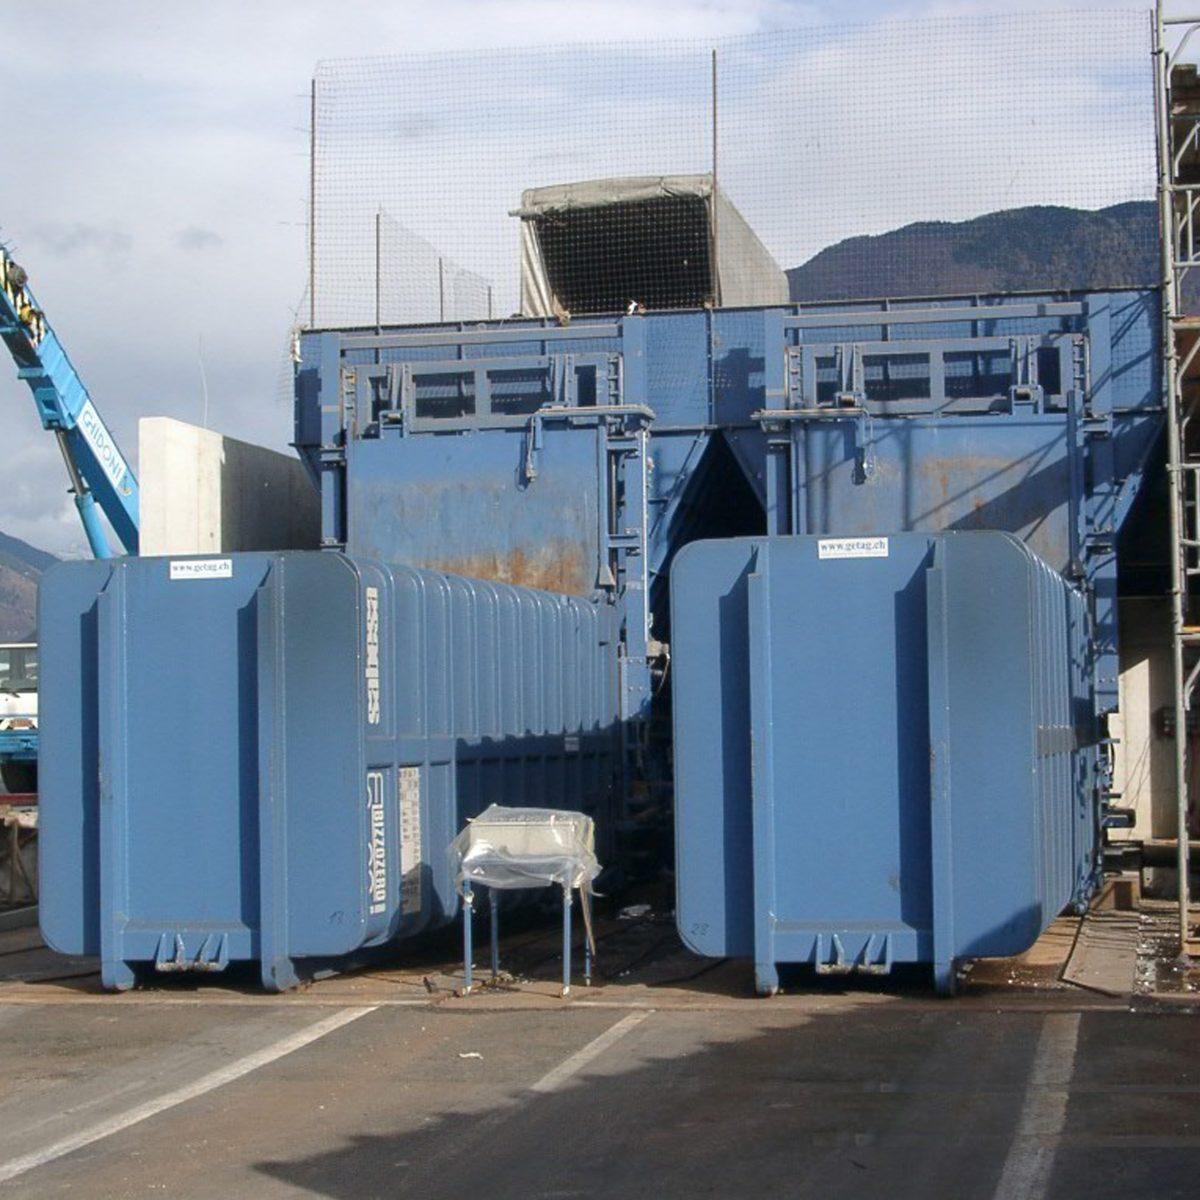 Stazione di trasbordo CIR, Giubiasco